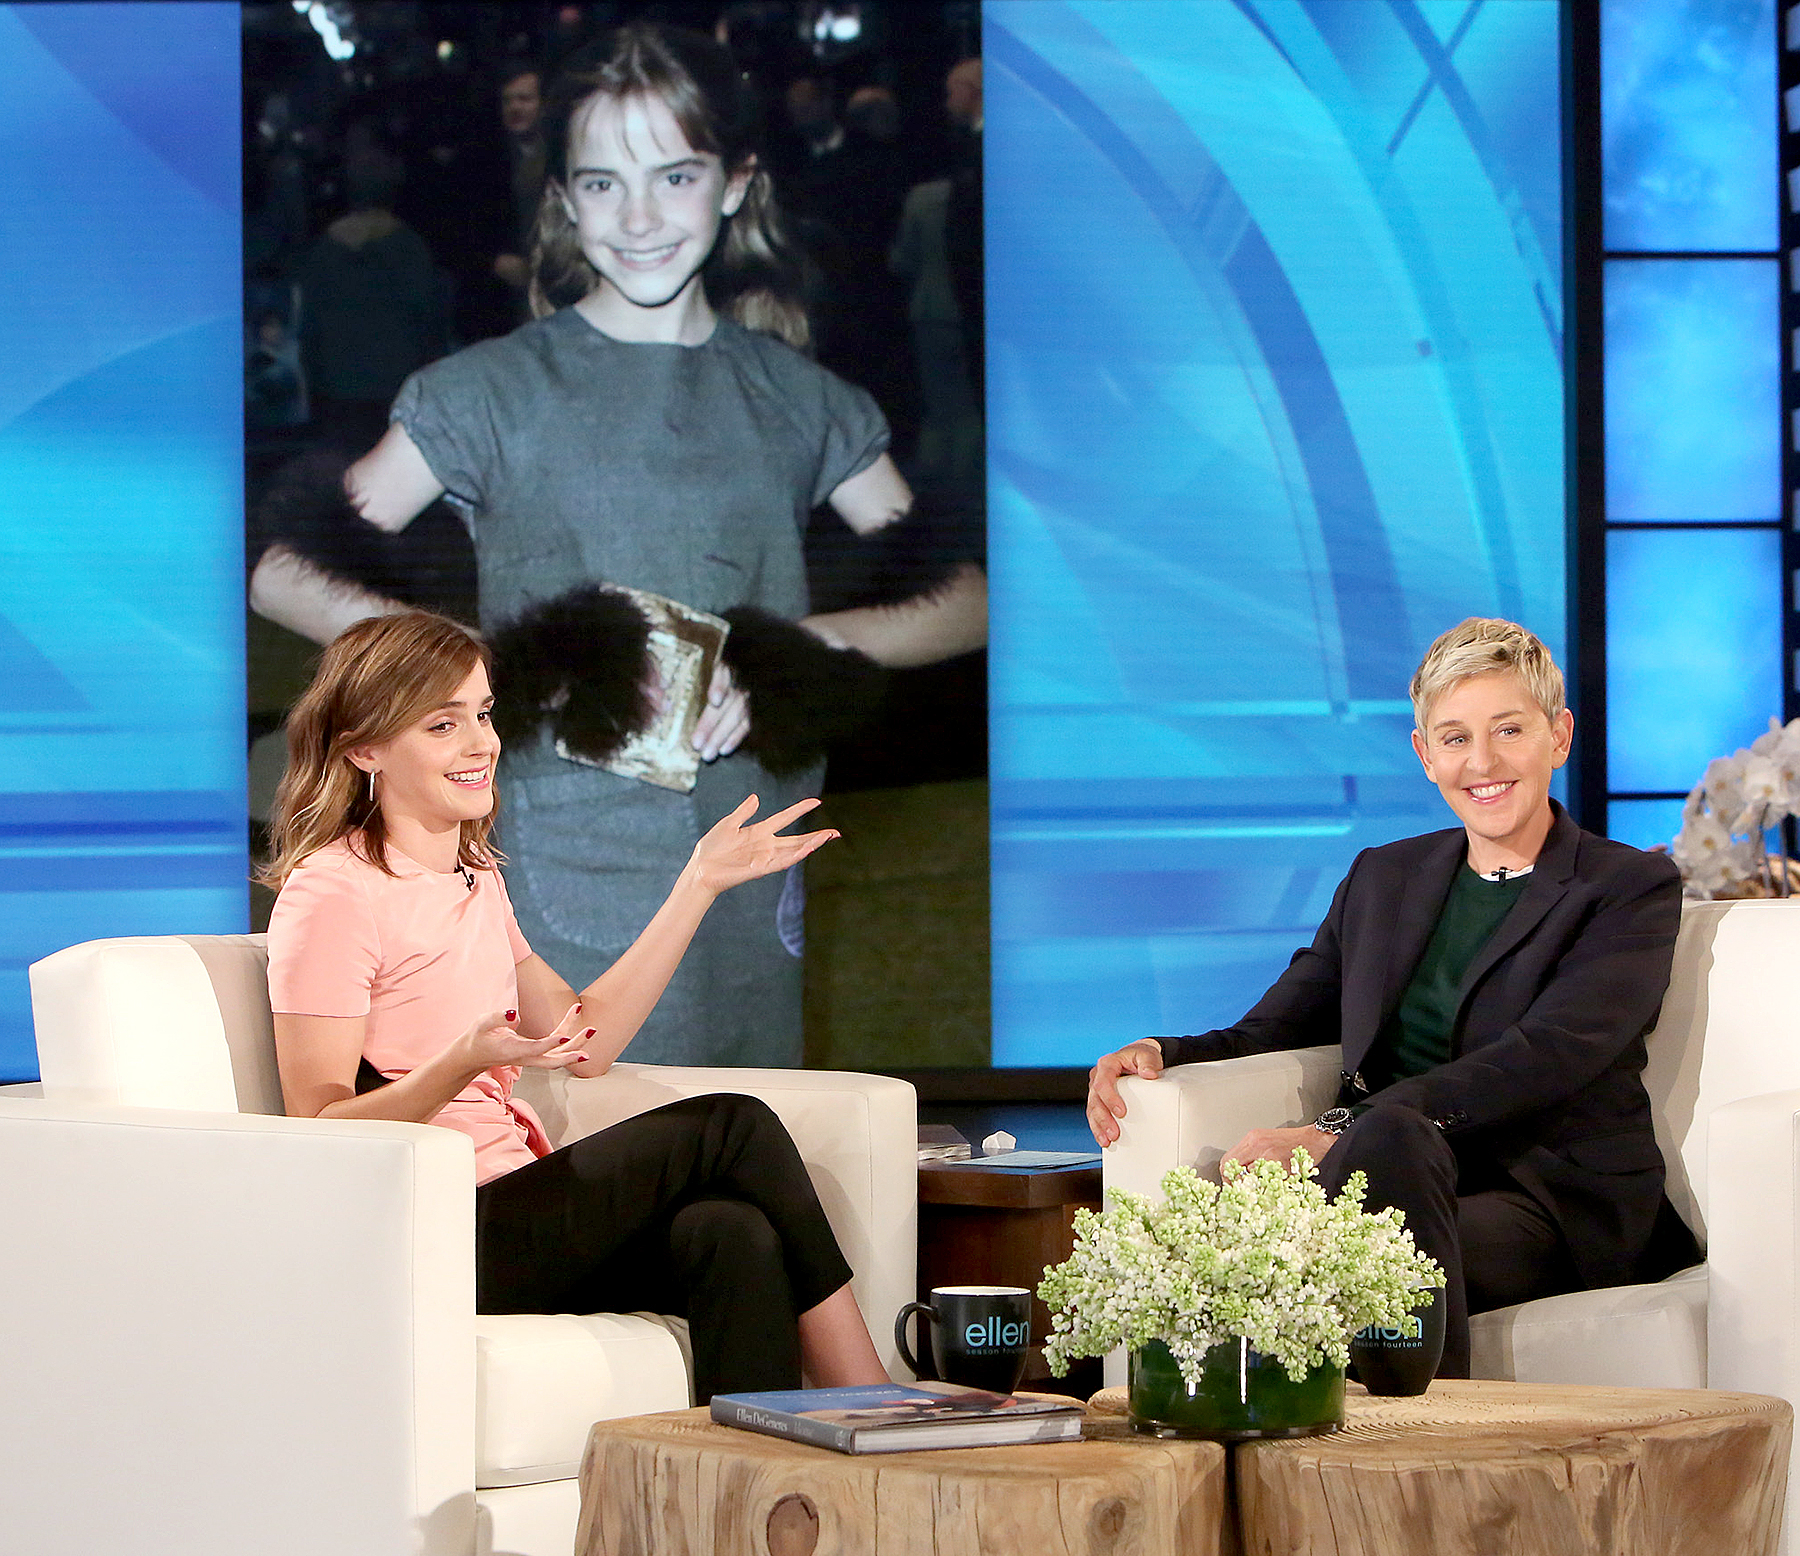 Emma Watson and Ellen DeGeneres